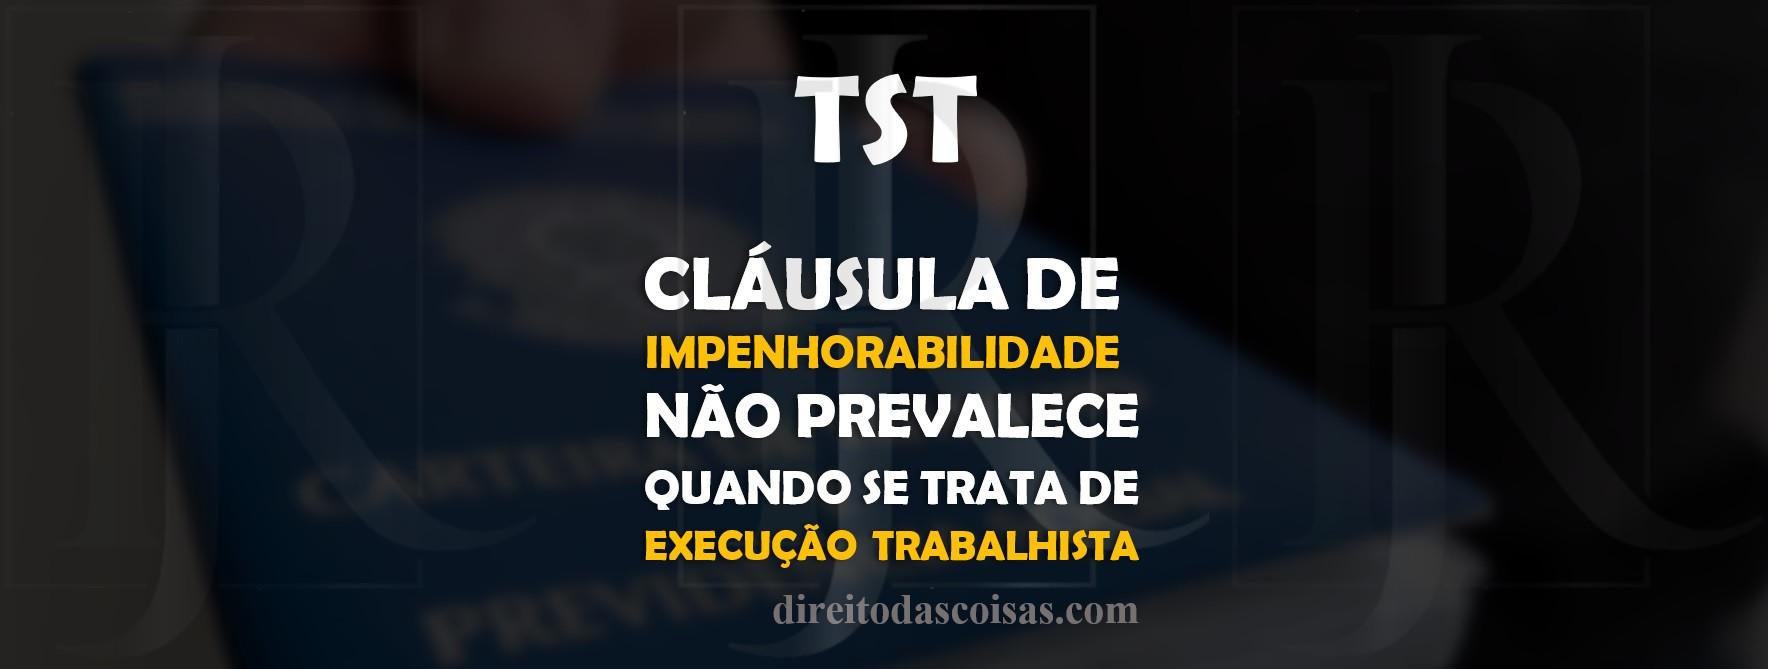 EXECUÇÃO TRABALHISTA IMPENHORABILIDADE.j